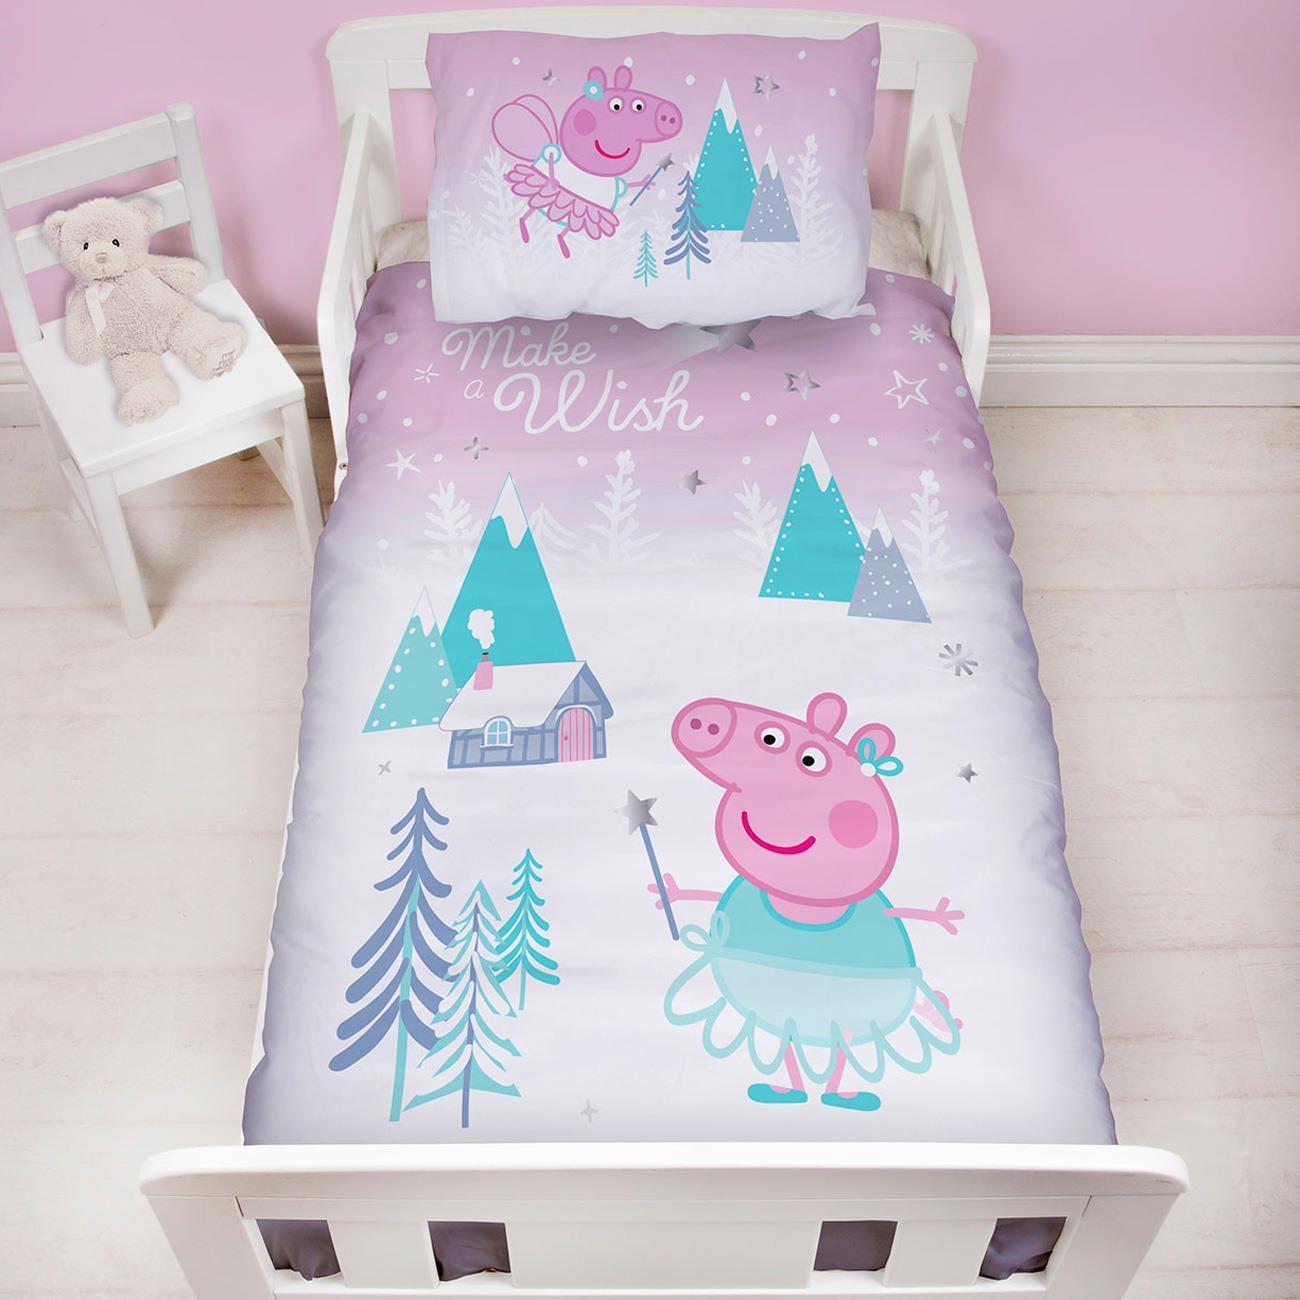 Indexbild 59 - Kinder Weihnachten Bettbezug Sets - Junior Einzel Doppel King - Elf Emoji Grinch